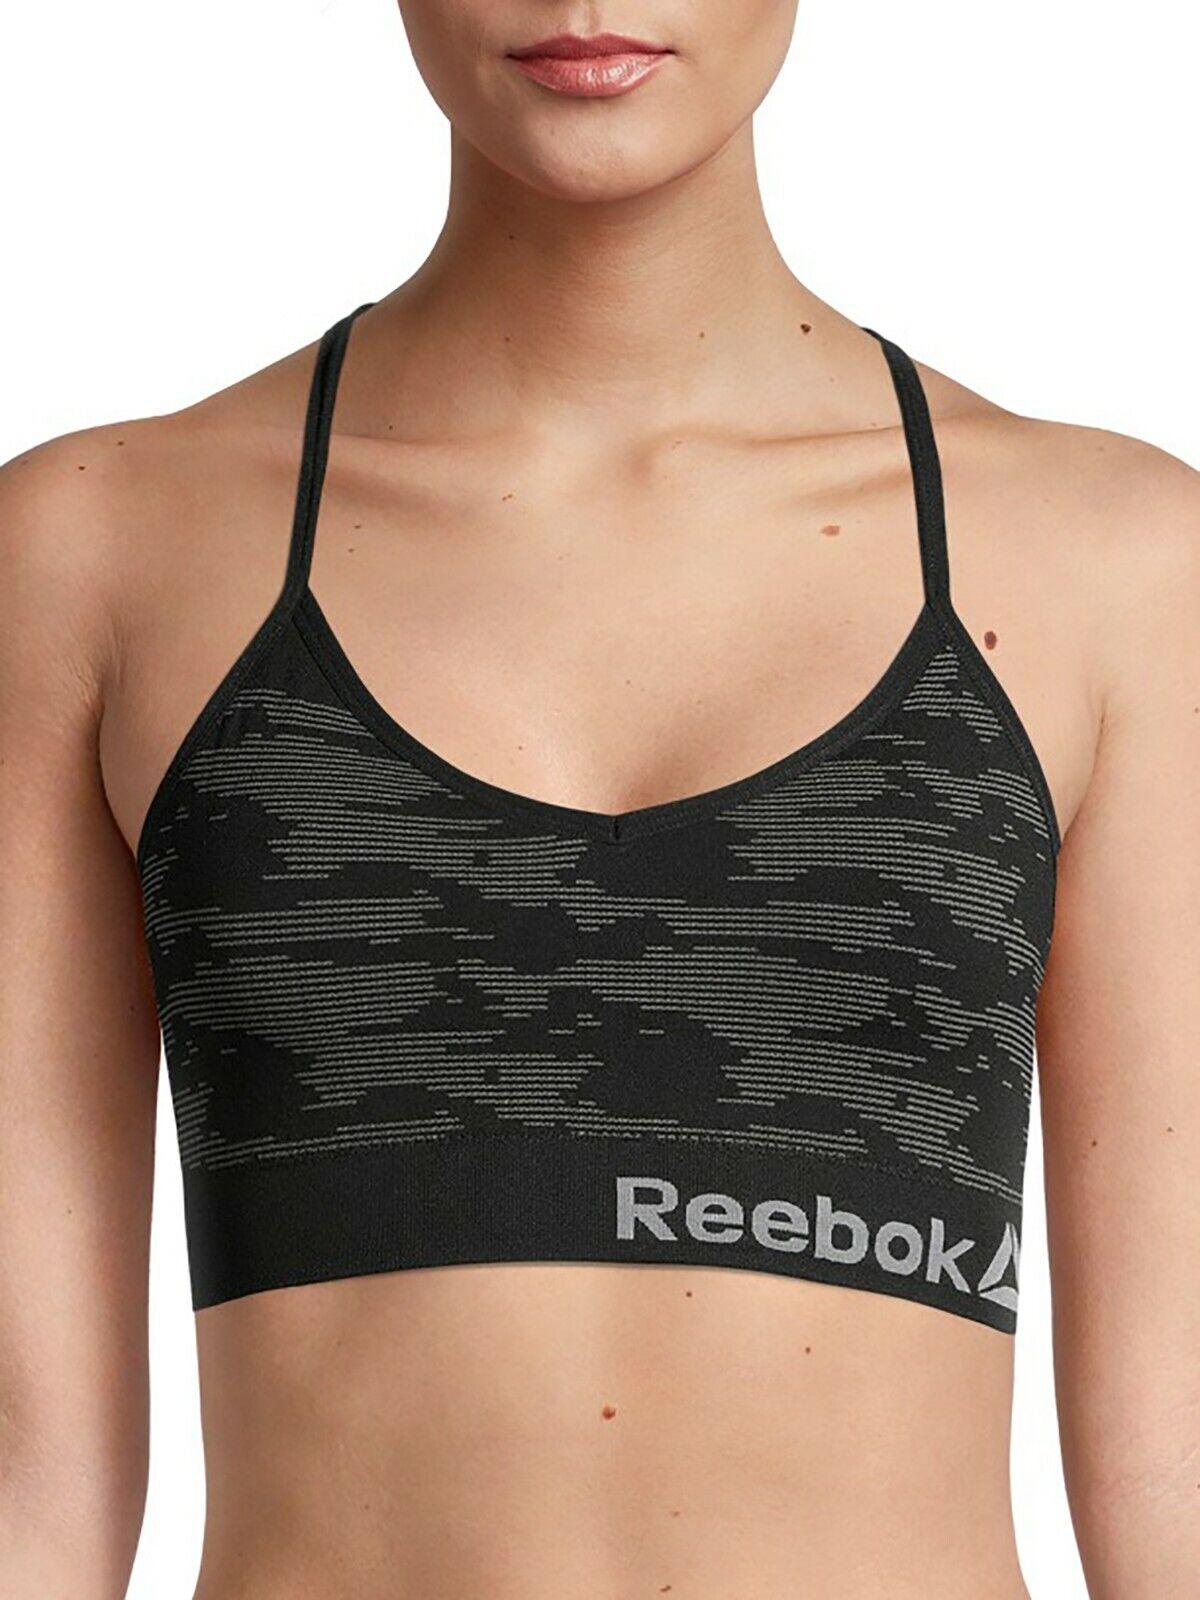 NEW Reebok 2 pack seamless bralette sports bra Large fits 36C 36D 38B 38C 40B